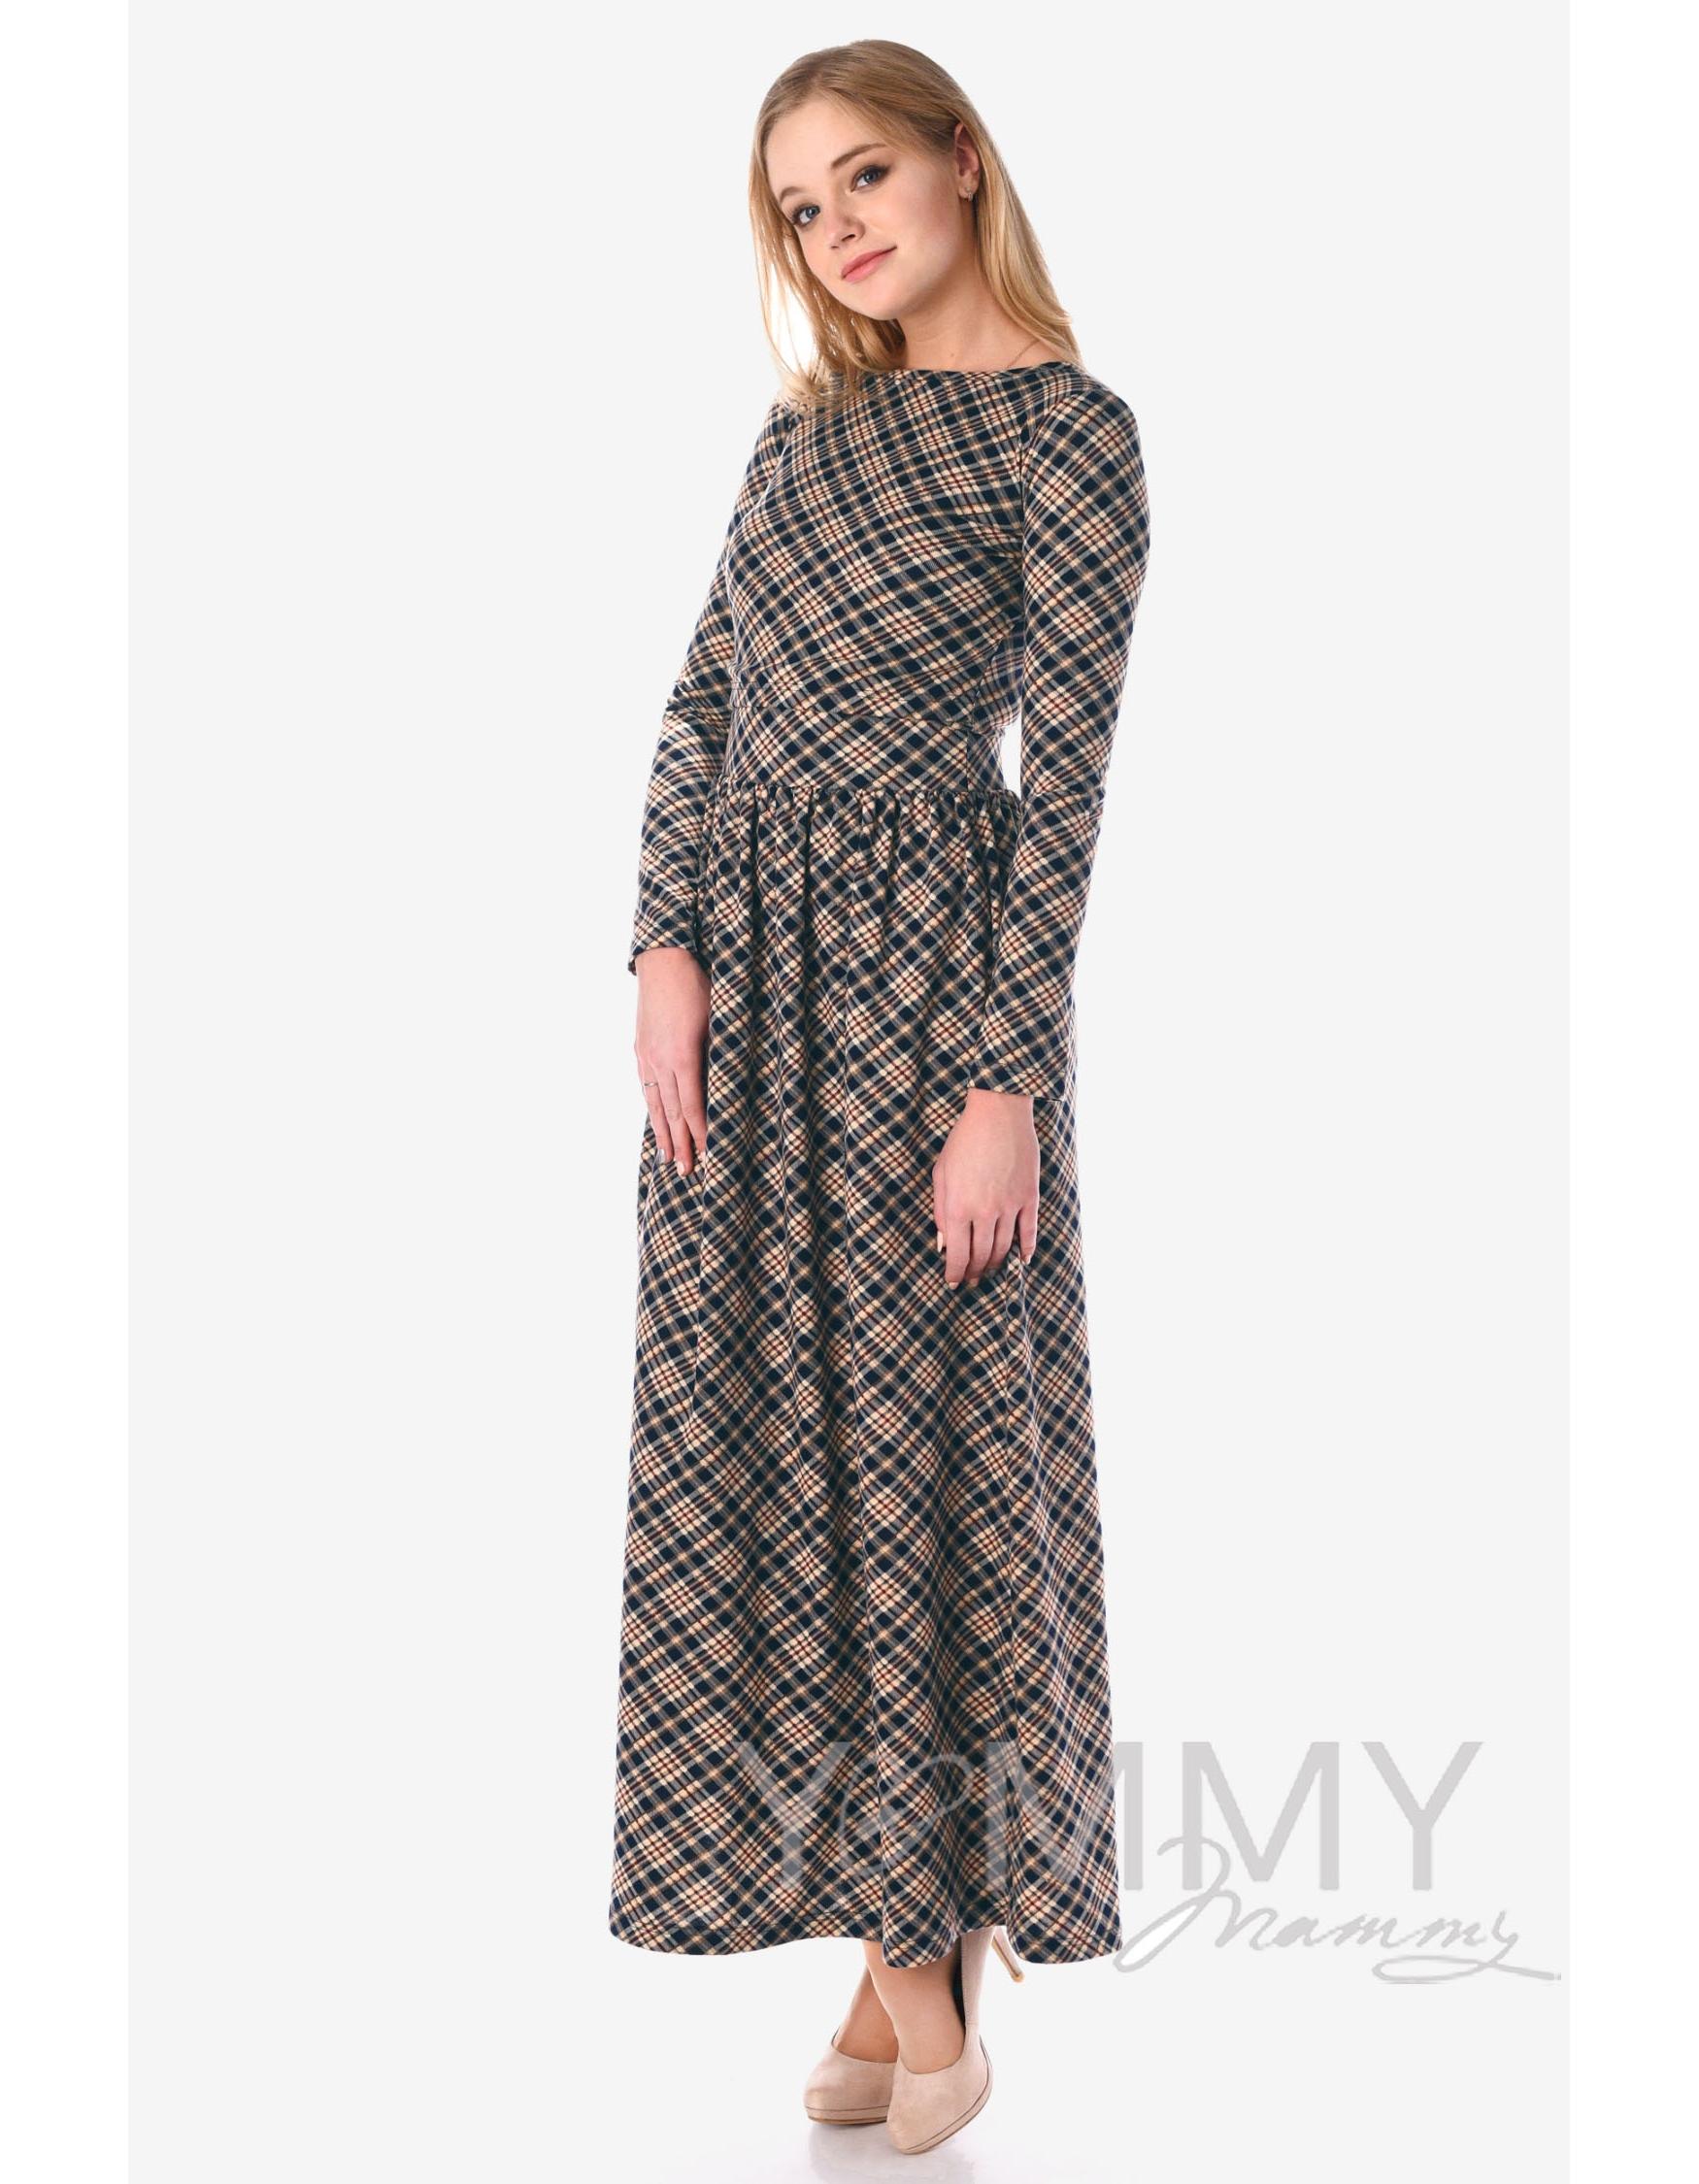 Платье для беременных и кормящих с карманами, в бежевую темно-синюю клетку  ... c0522f12a3d